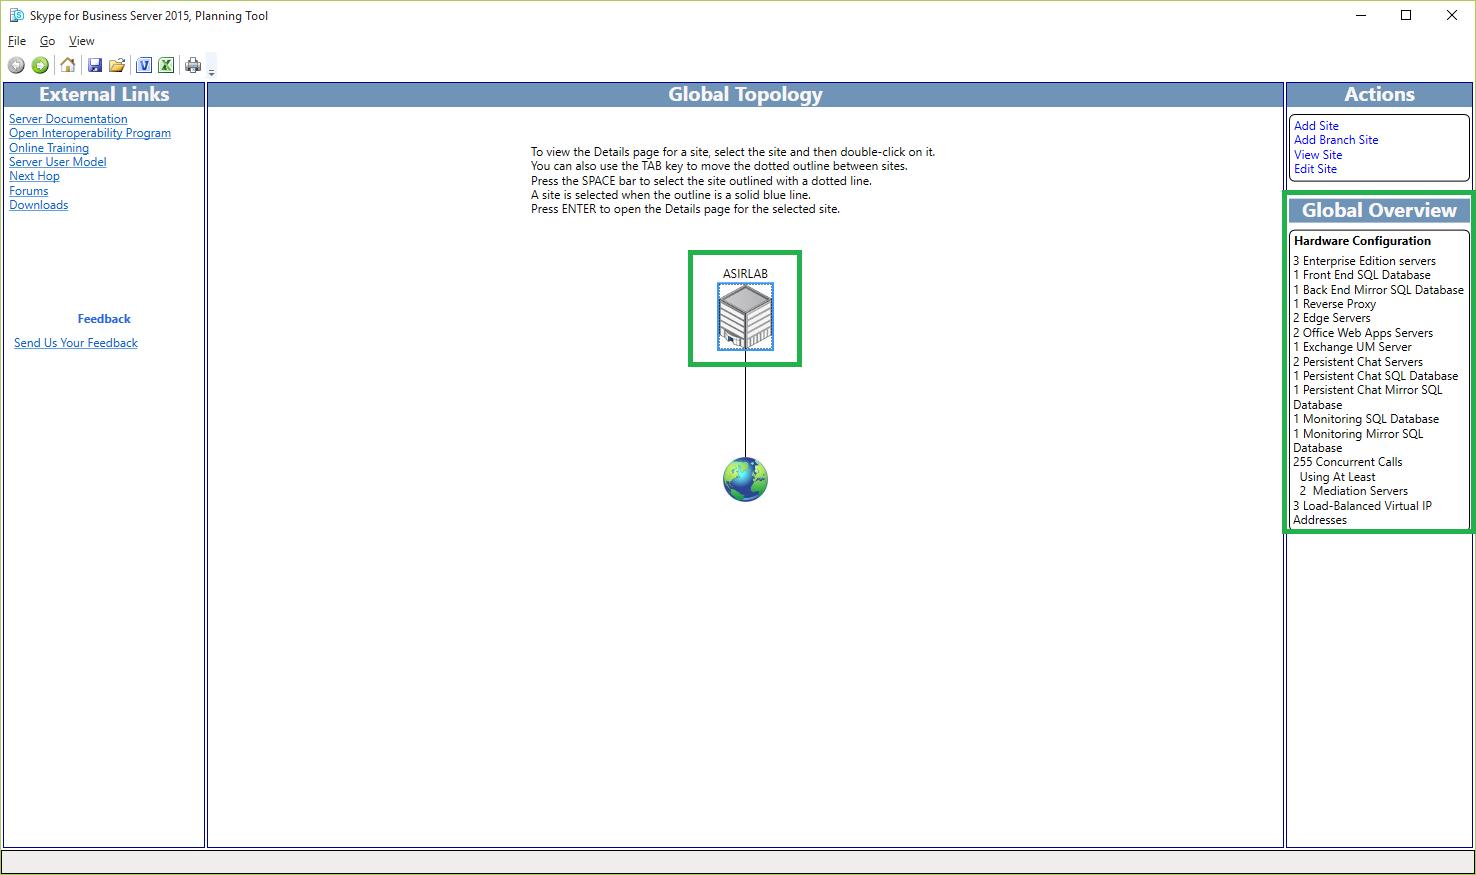 SkypeForBusinessPlanningTool_32.png